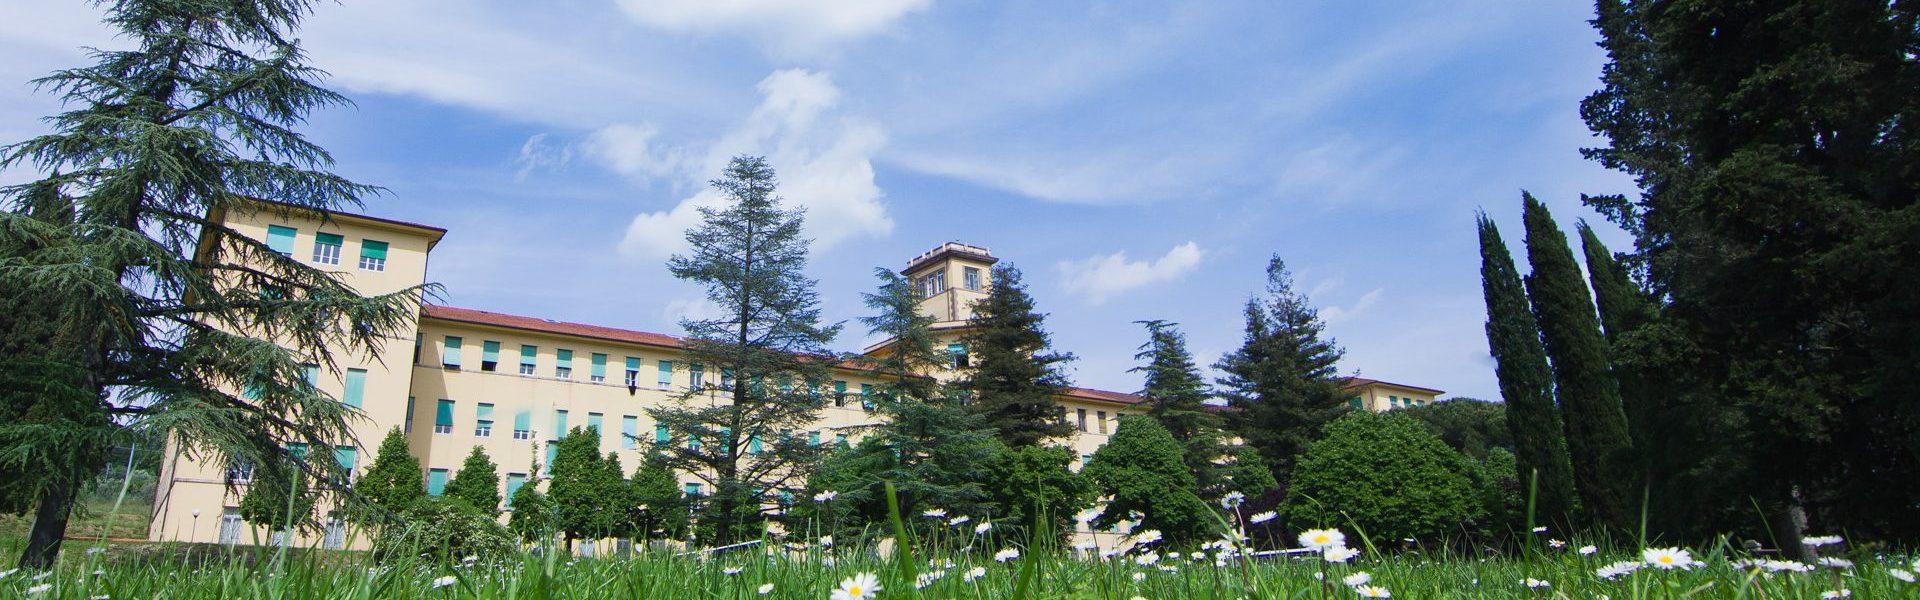 Fondazione Campus